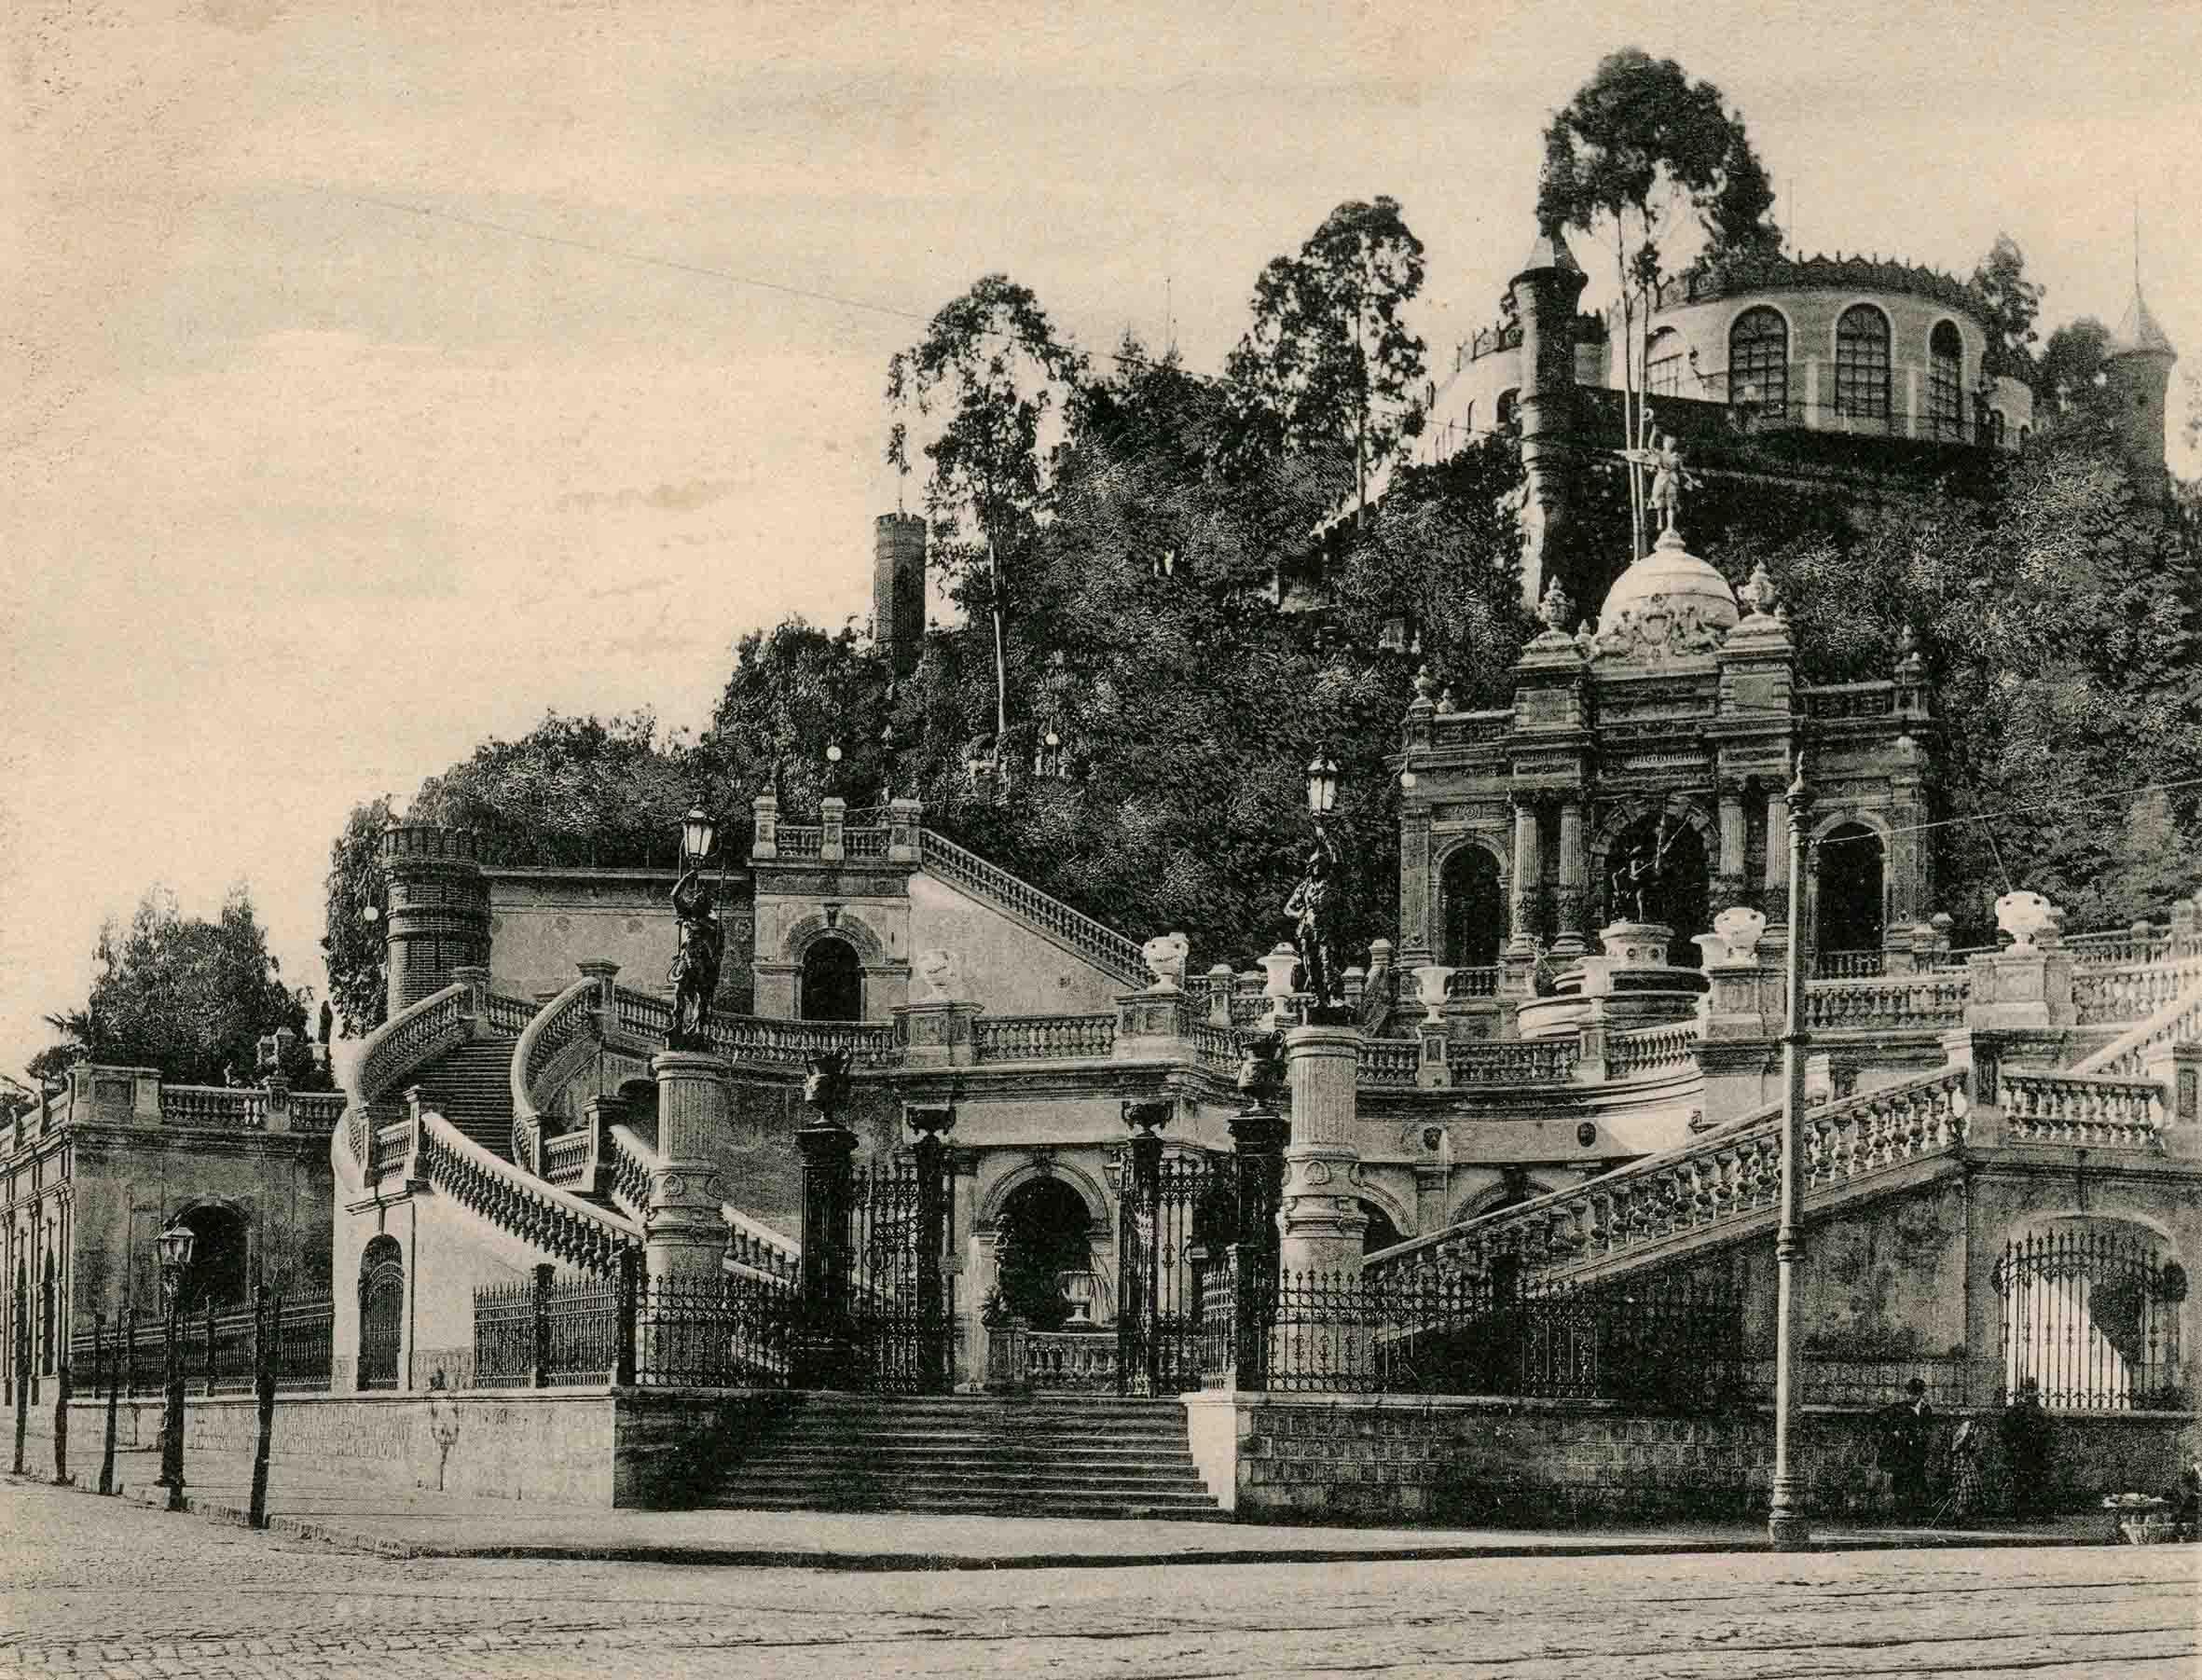 Enterreno - Fotos históricas de chile - fotos antiguas de Chile - Acceso del Cerro Santa Lucía en 1903